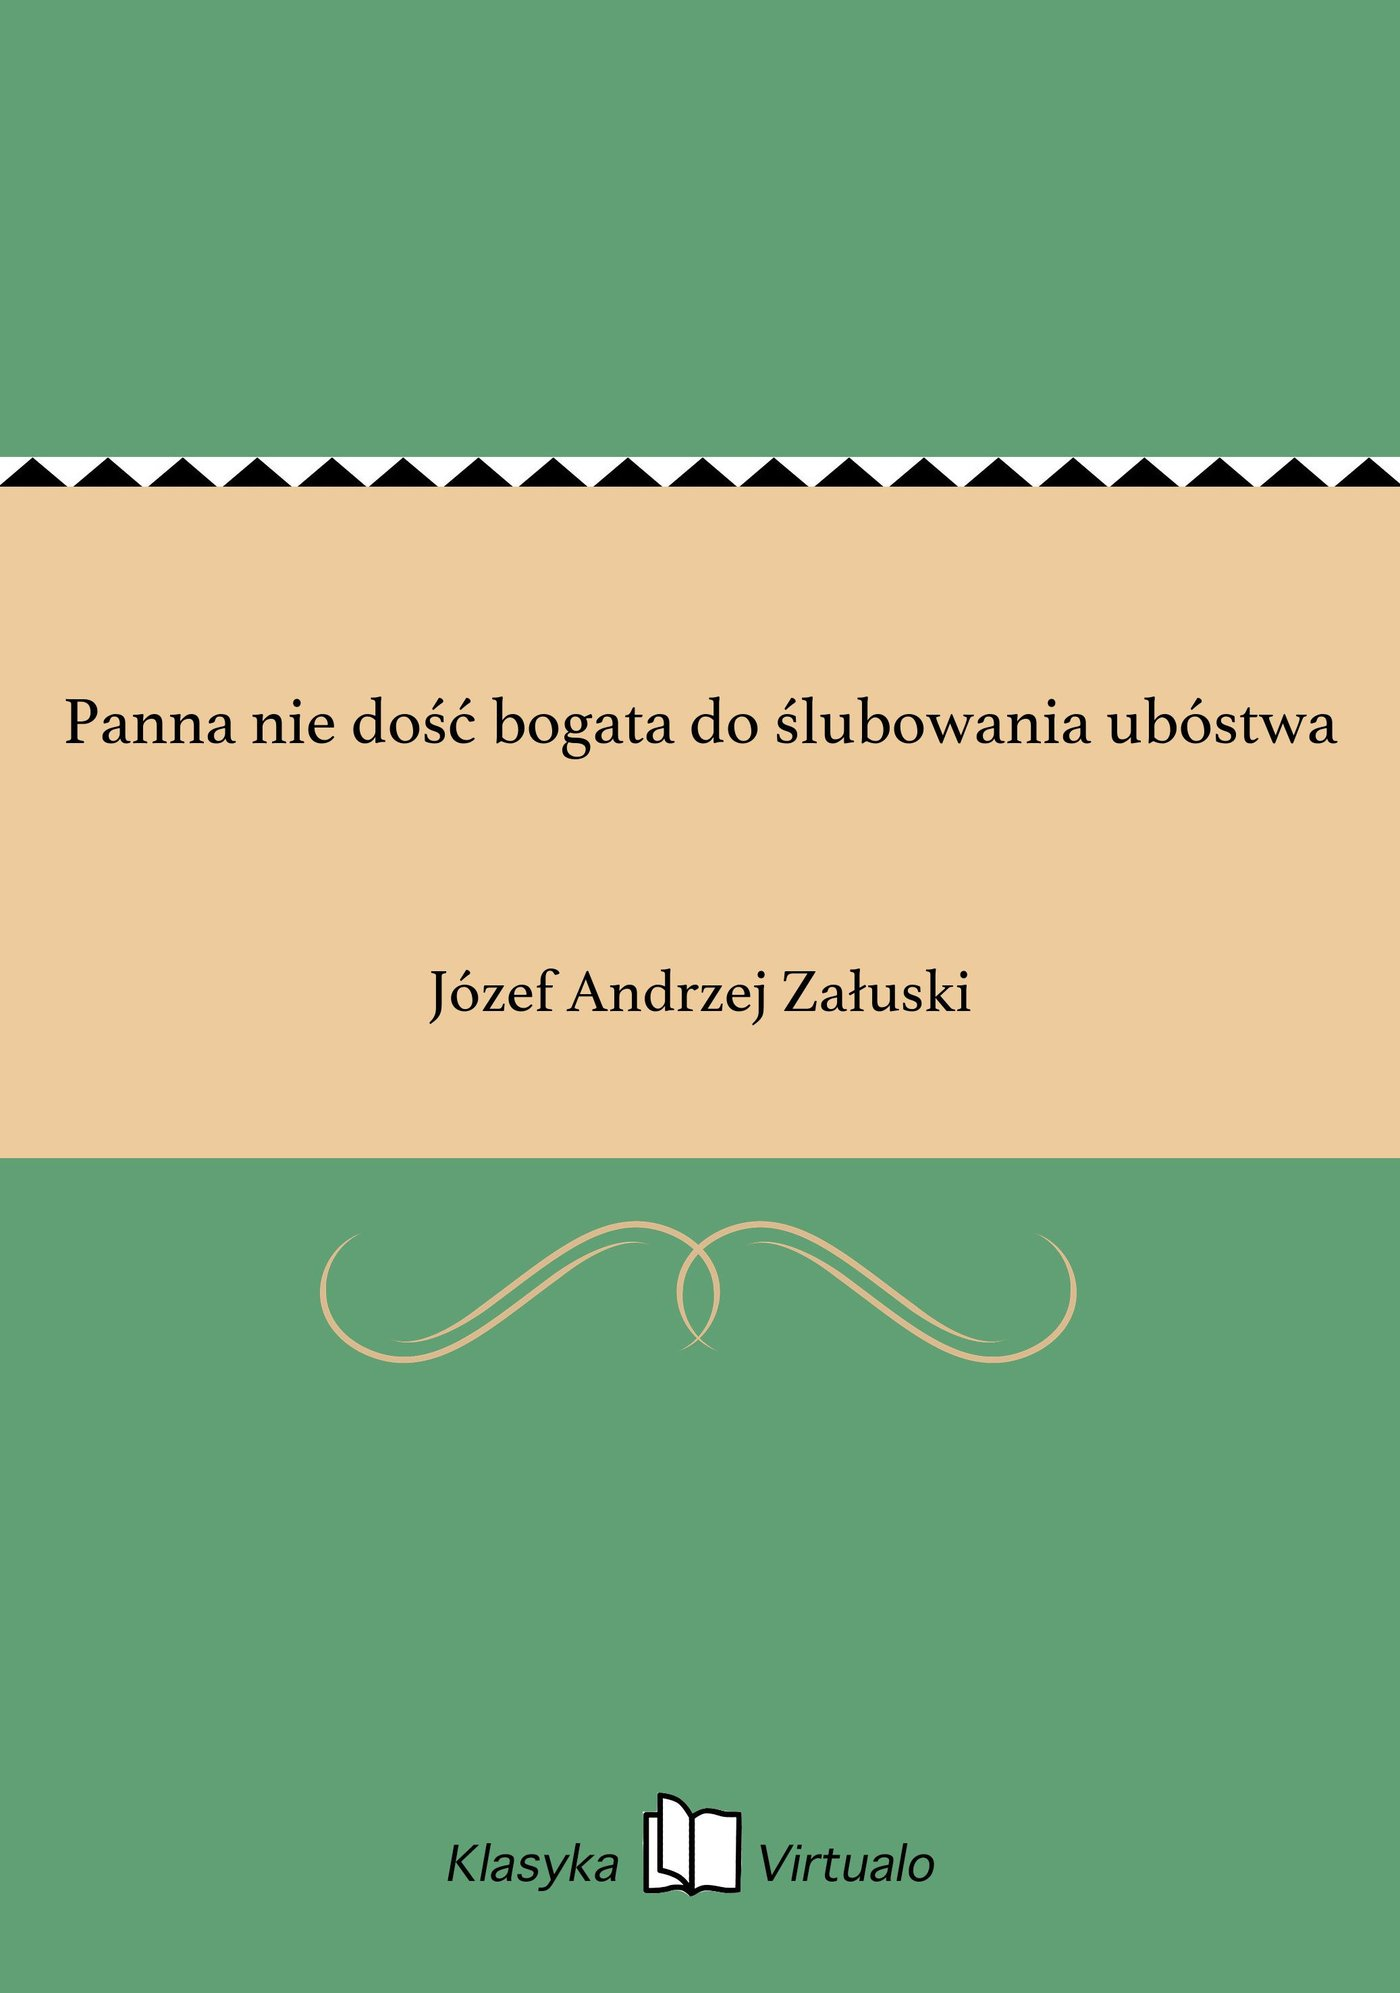 Panna nie dość bogata do ślubowania ubóstwa - Ebook (Książka EPUB) do pobrania w formacie EPUB